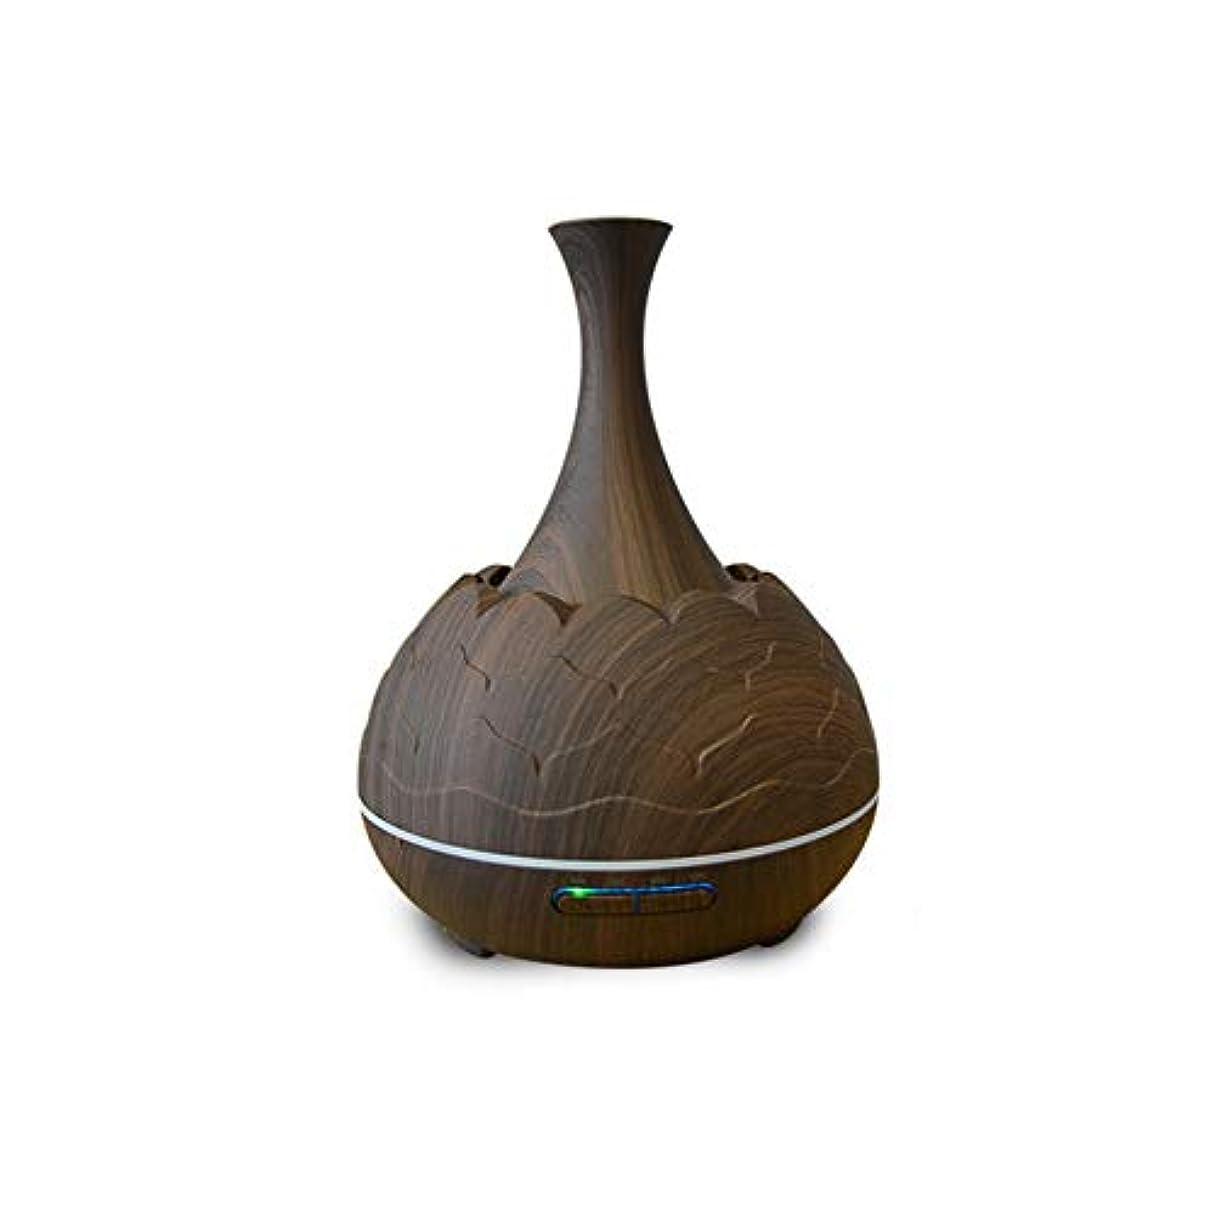 変化する使役顕著木目 霧 香り 精油 ディフューザー,7 色 空気を浄化 加湿器 時間 手動 Wifiアプリコントロール 加湿機 ホーム Yoga- 400ml